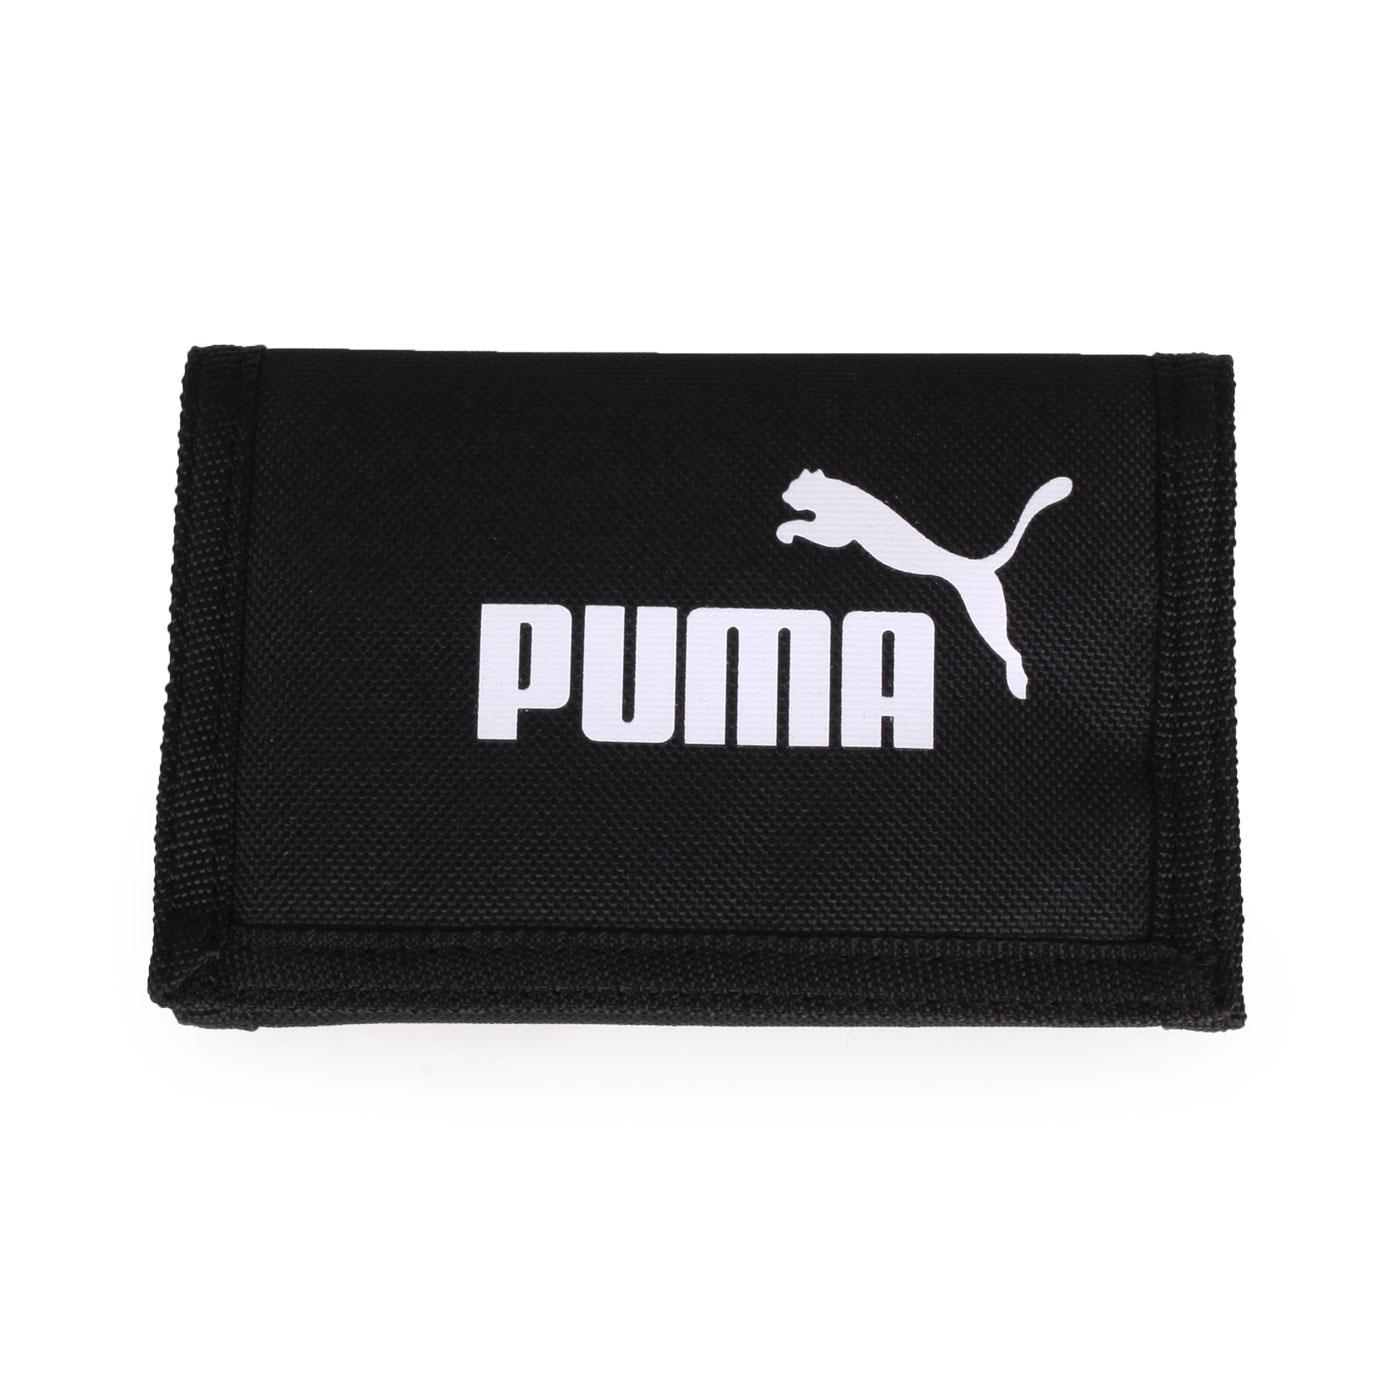 PUMA Phase皮夾 07561701 - 黑白